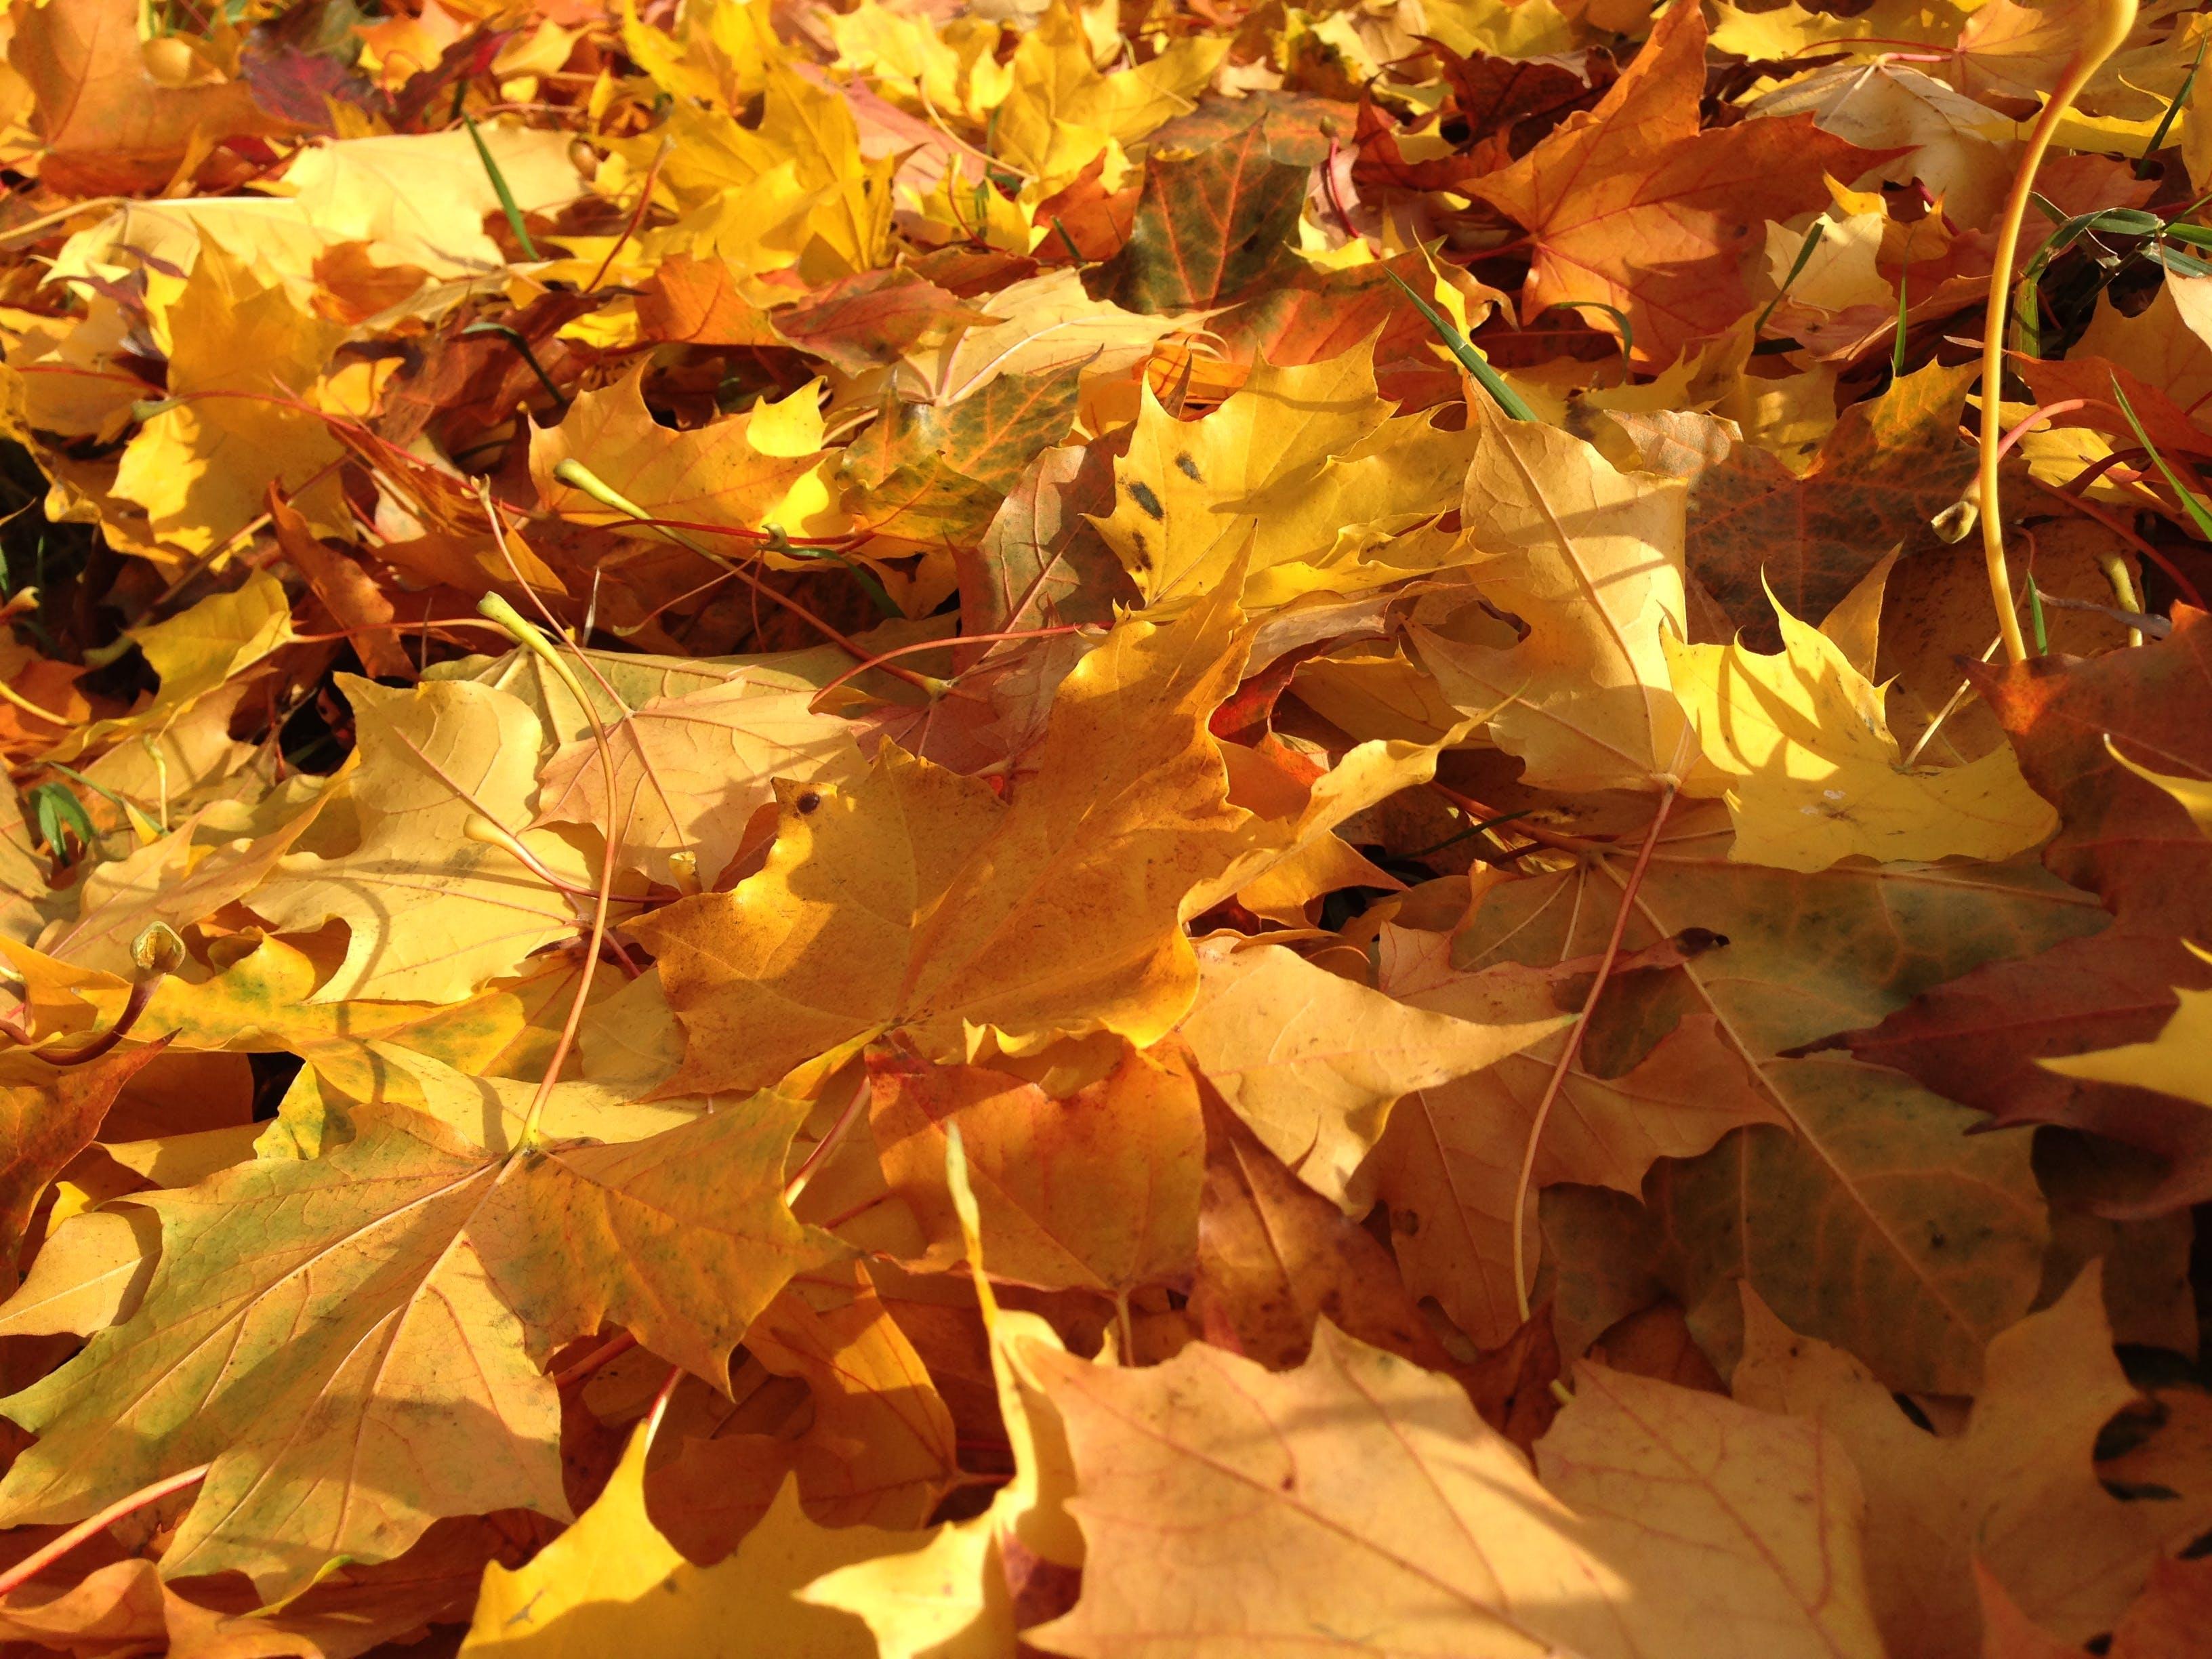 Free stock photo of autumn